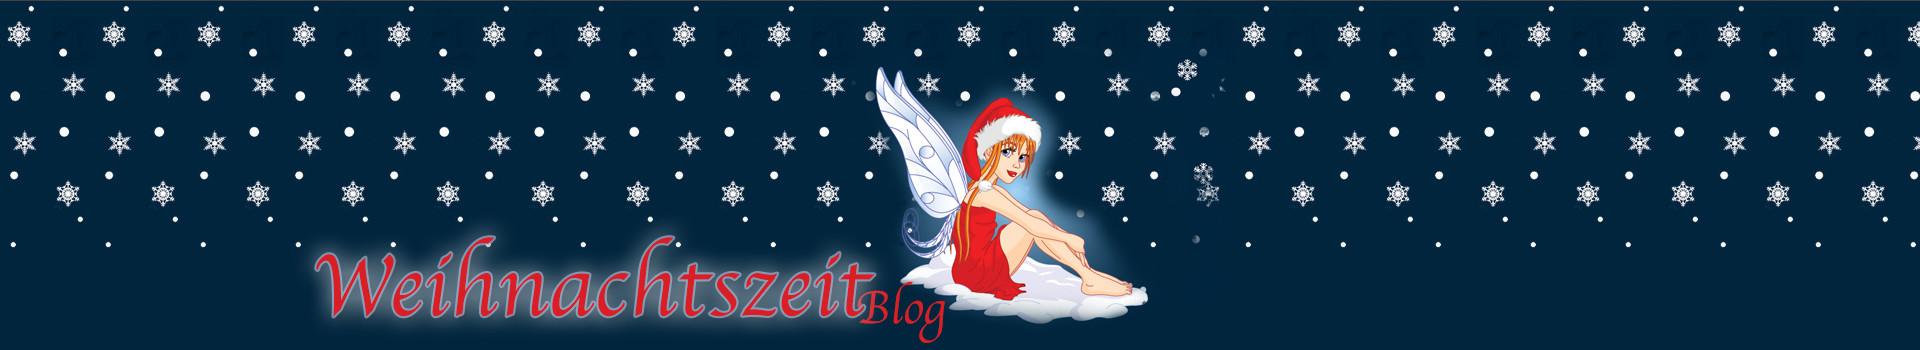 Weihnachtszeit - DesignBlog